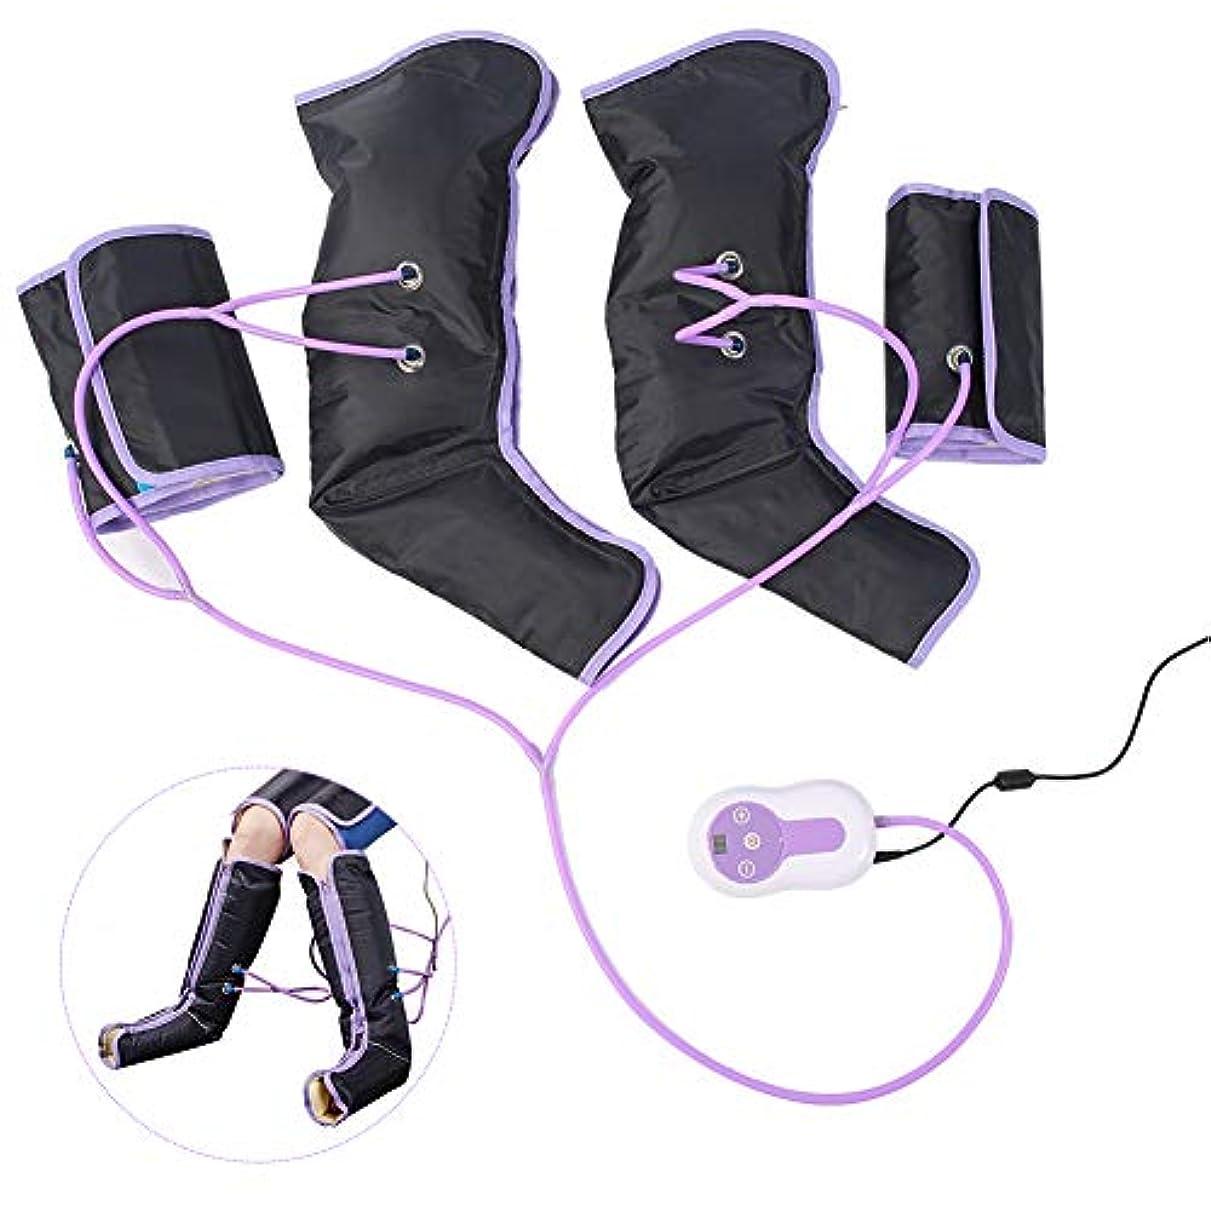 女将歌うカード足の空気圧縮マッサージャー、足とふくらはぎの痛みを軽減するためのハンドヘルドコントローラーとラップ、電気循環脚ラップ、循環を改善し、筋肉をリラックス(US-PLUG)